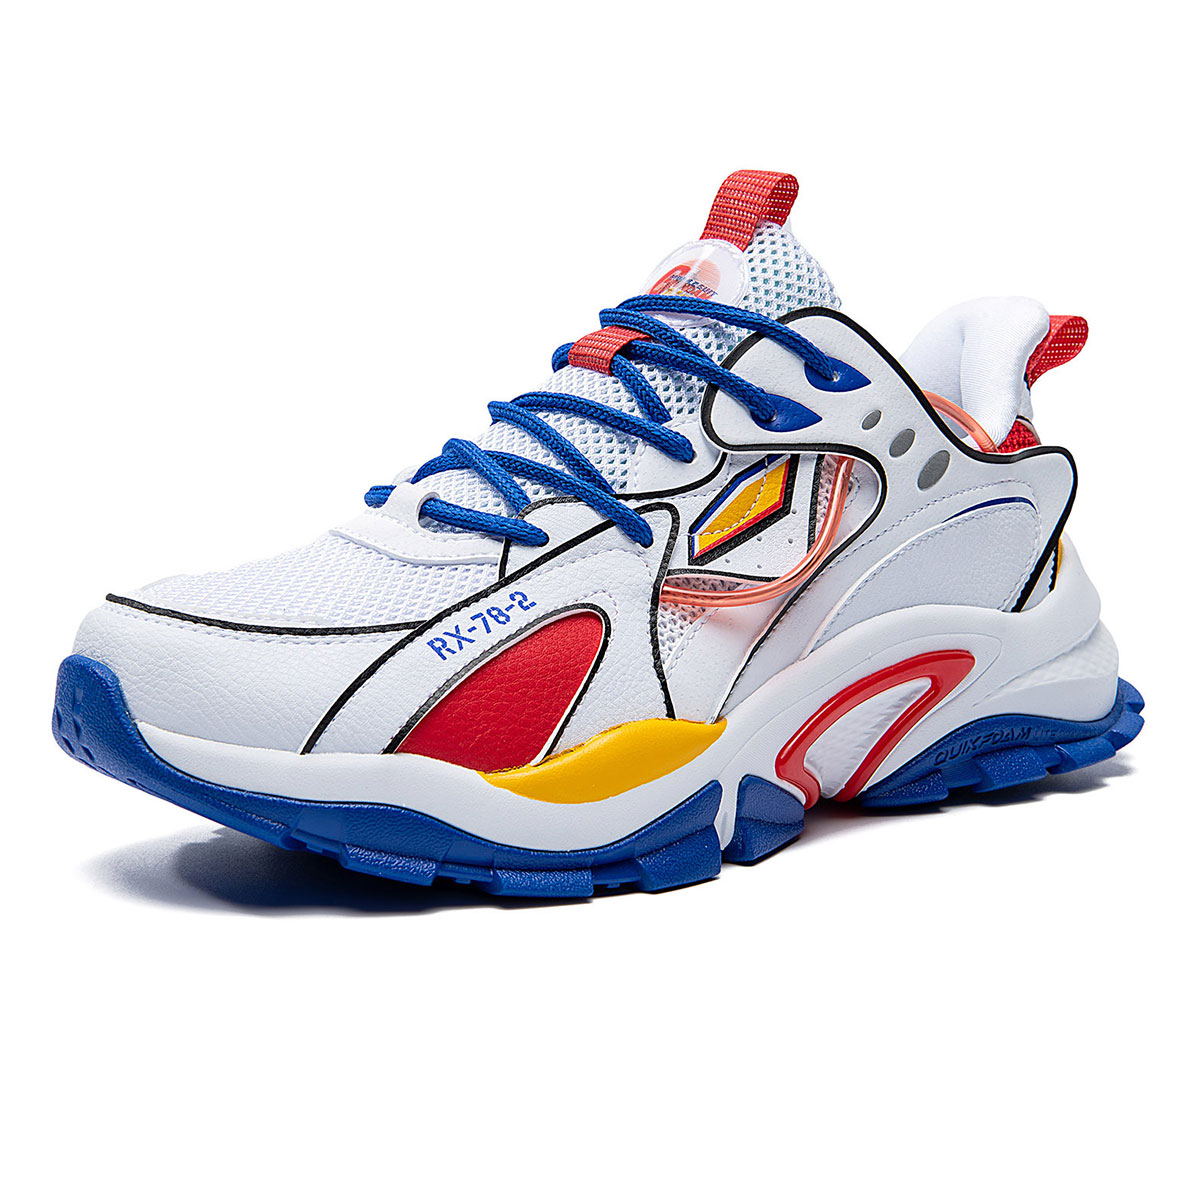 361°  21年新品轻便缓震男式运动鞋男鞋跑步鞋 672116795-1361 361度白/运动蓝361度白/运动蓝 41